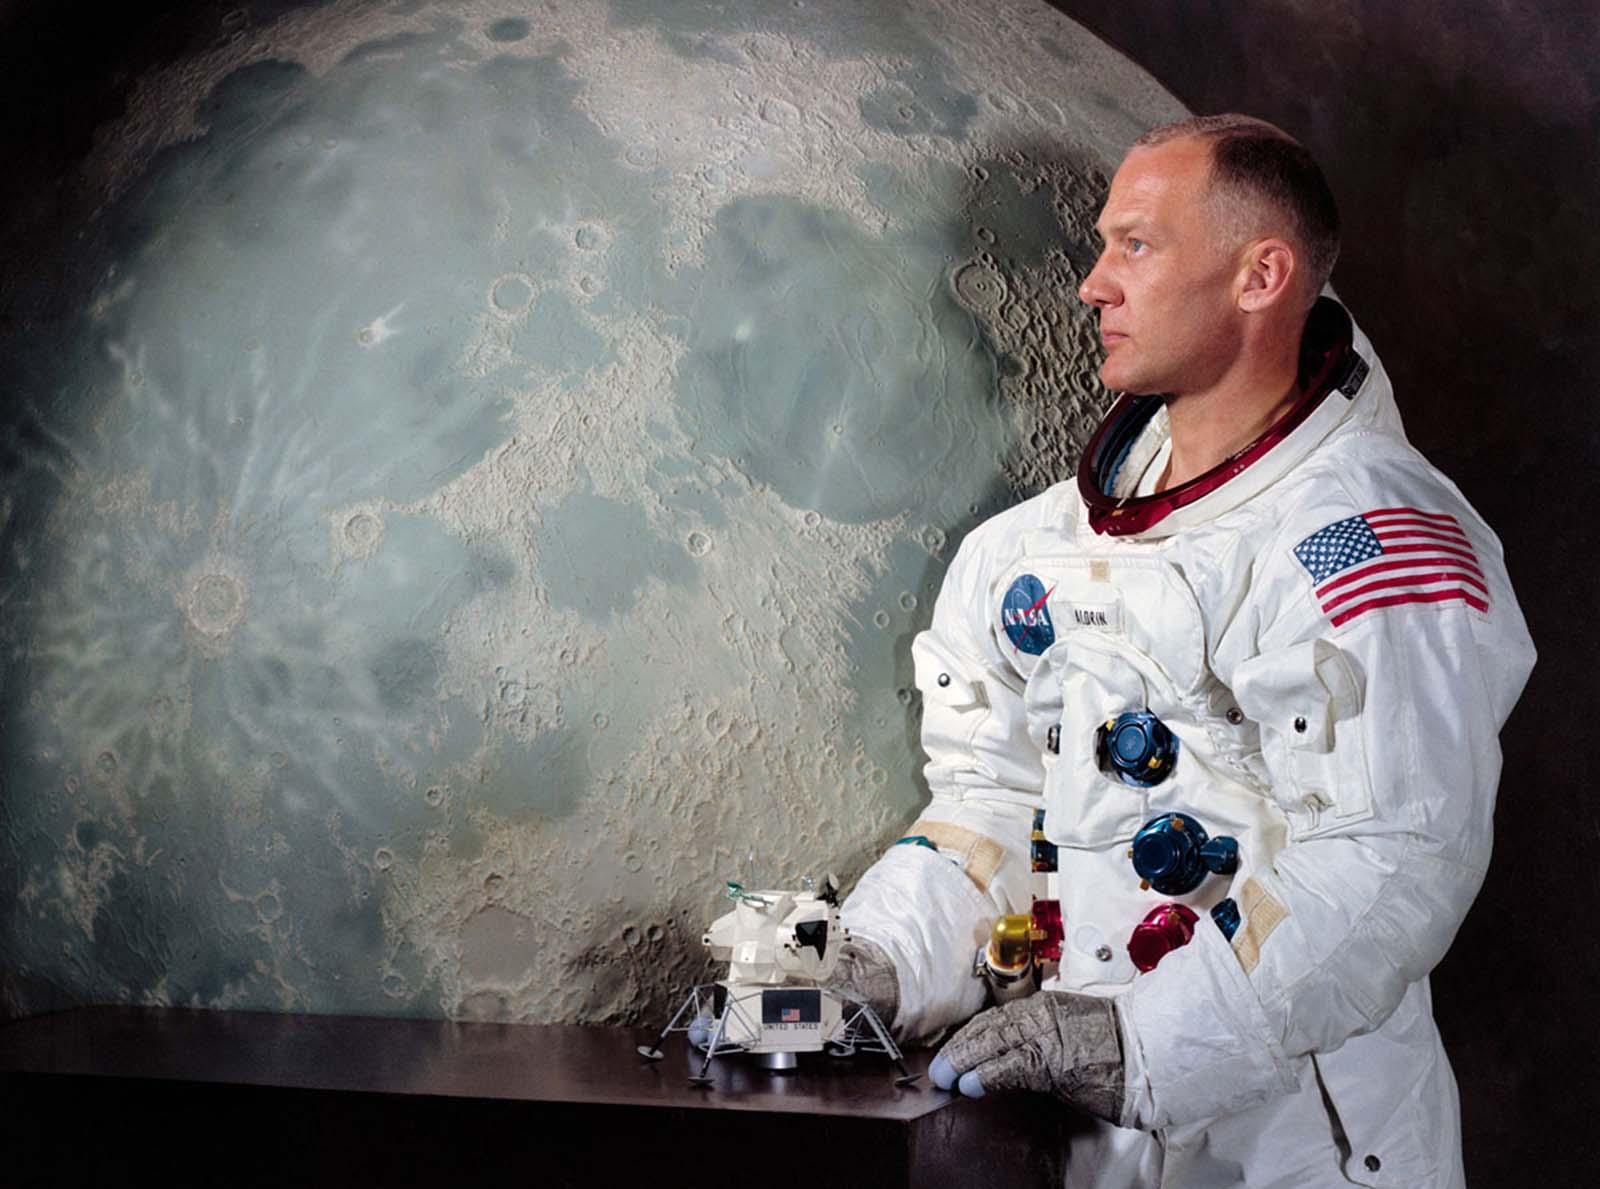 Apollo 11 preparation%2B%25285%2529 - Fotos raras da preparação de Neil Armstrong antes de ir a Lua